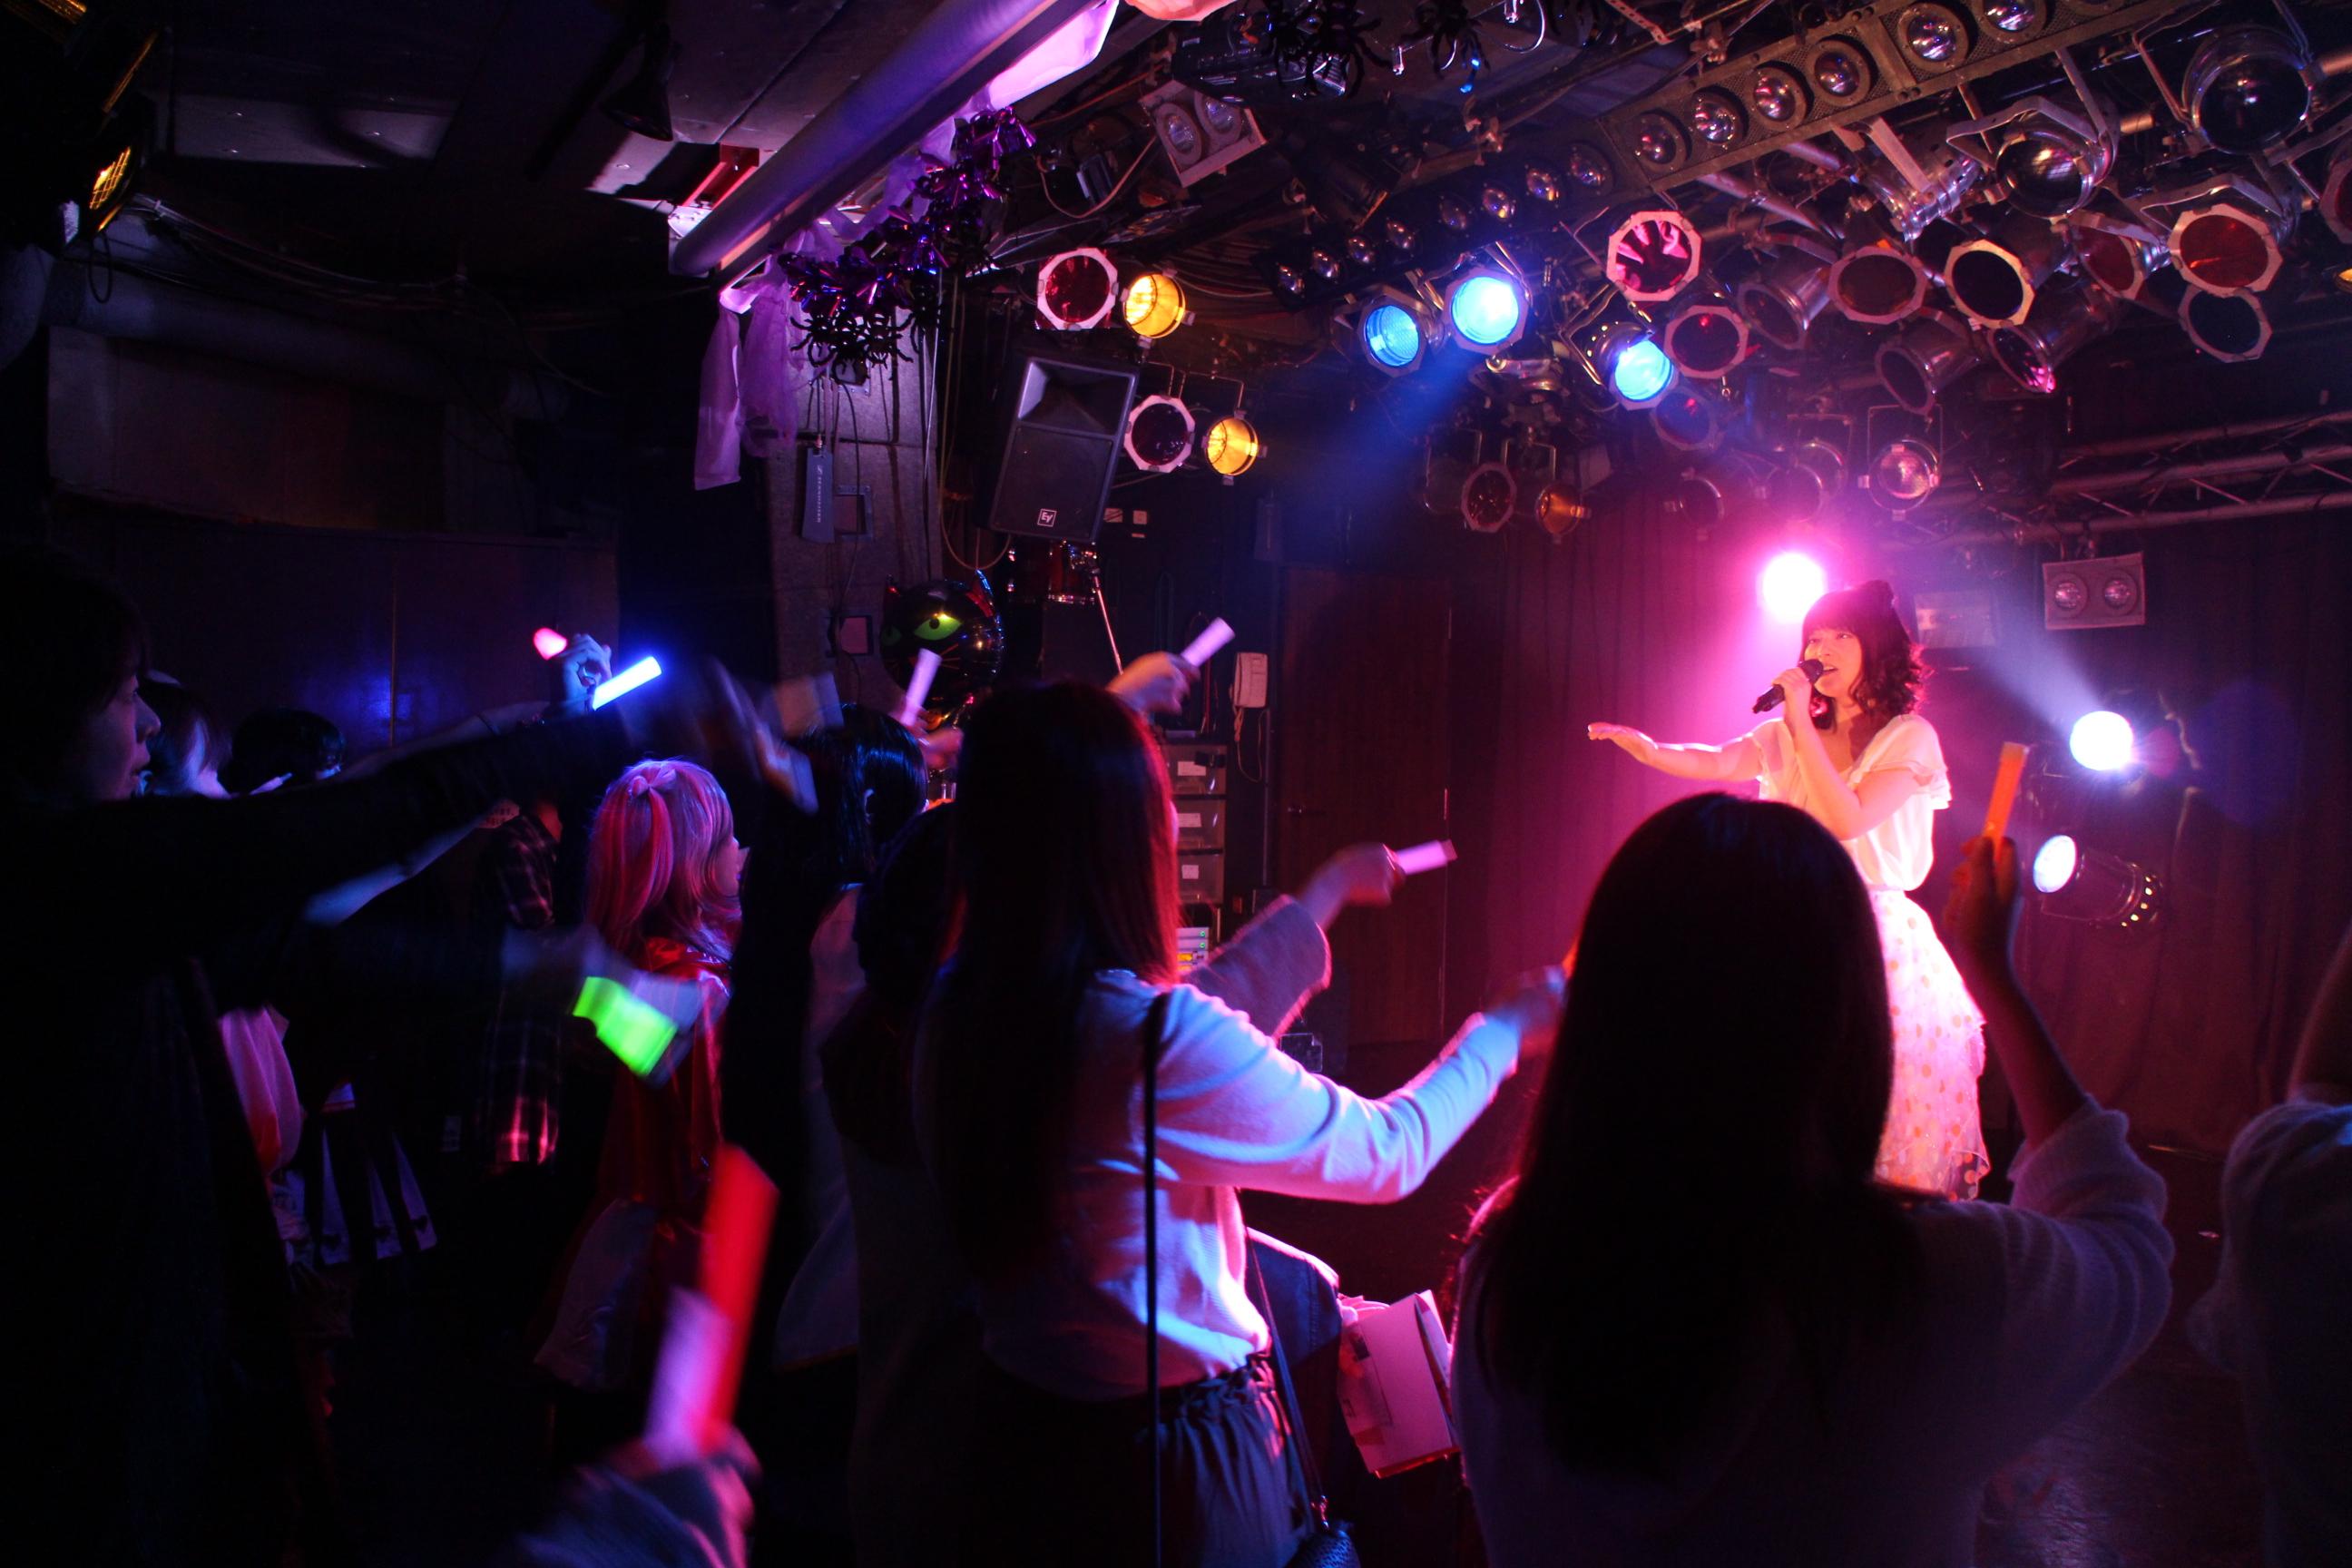 精華学園高等学校 東京ボイス校:好きなこと優先。あなたの活動を応援します